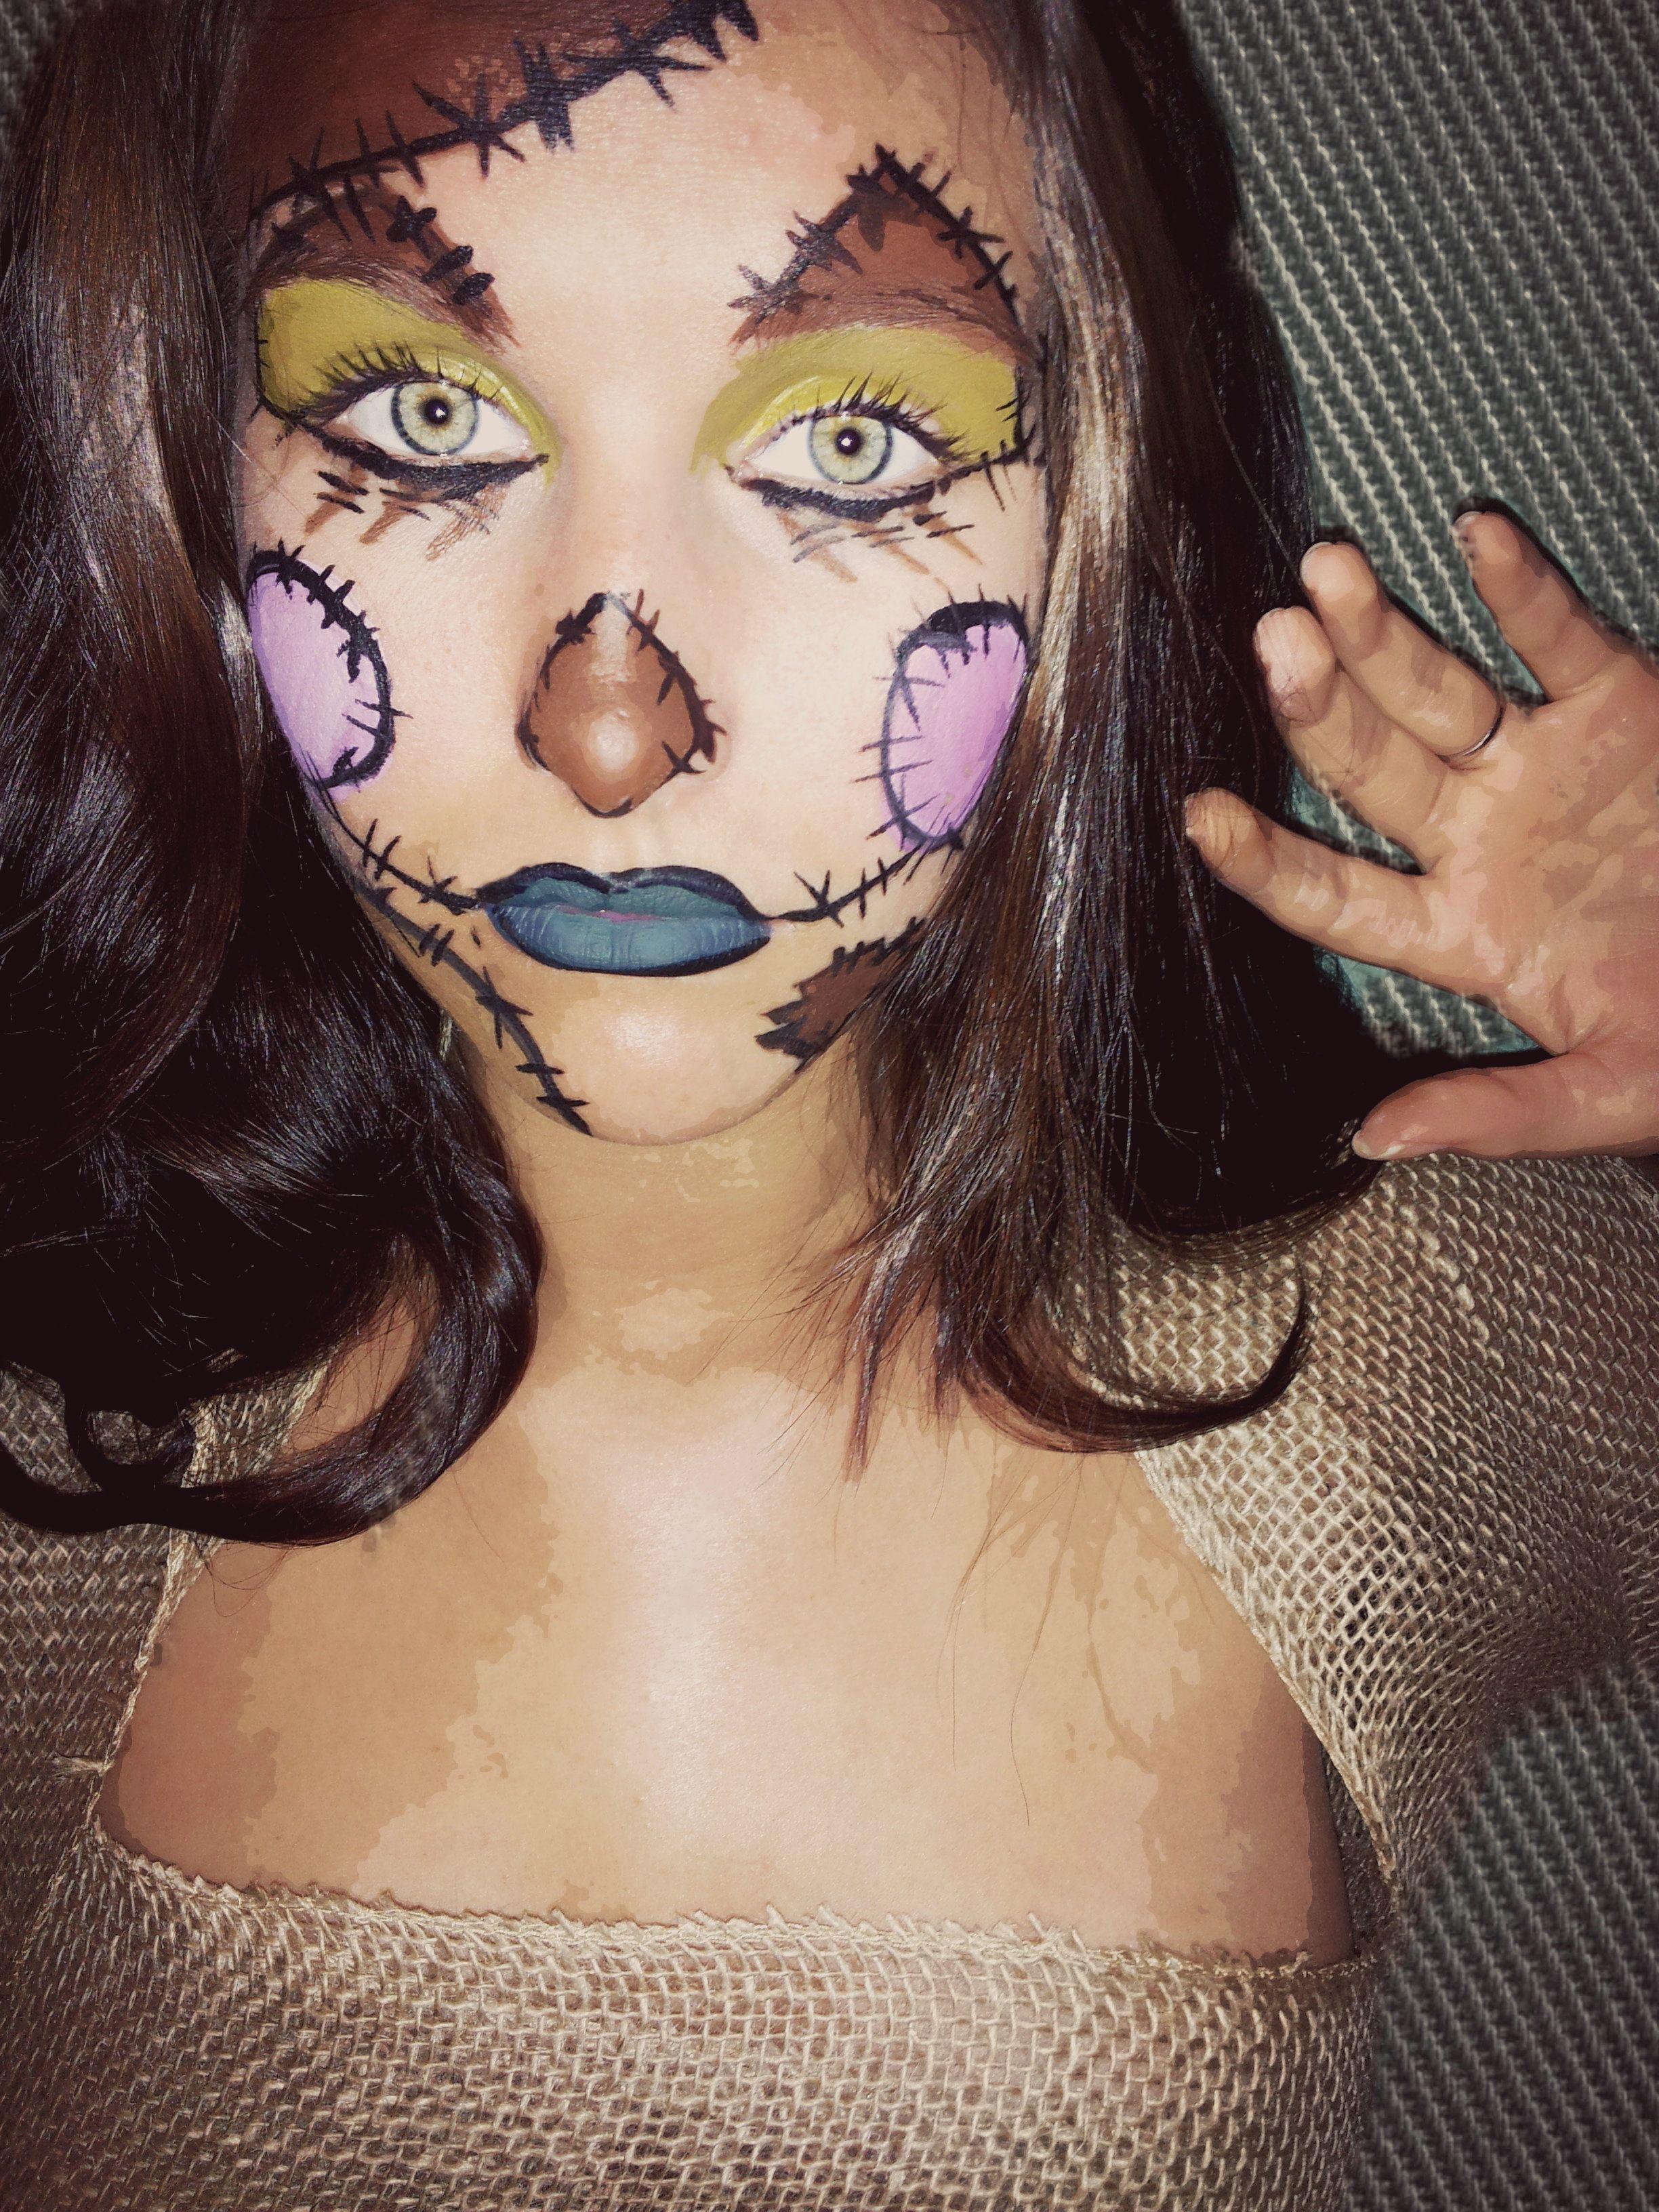 Scarecrow makeup using mehron face paint and cut up potato sacks ...